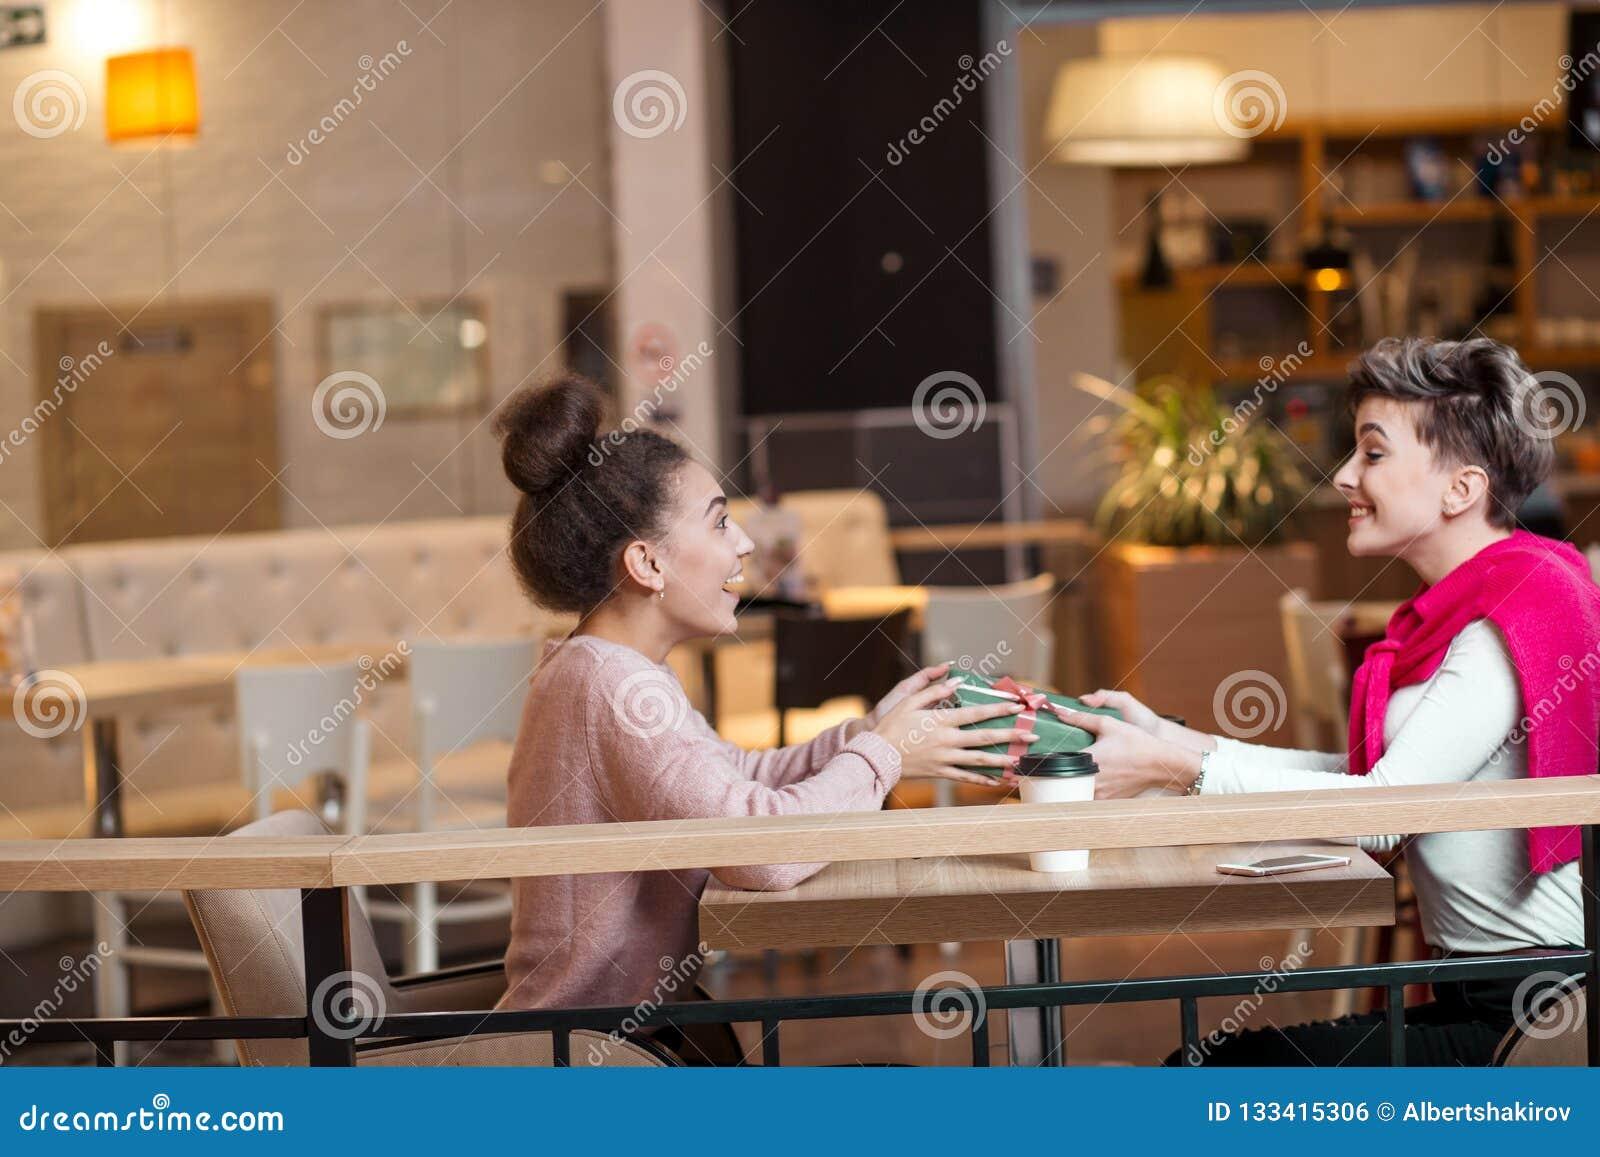 Glückliche Frau beglückwünscht ihre Freundin mit Präsentkarton beim Sitzen am Café